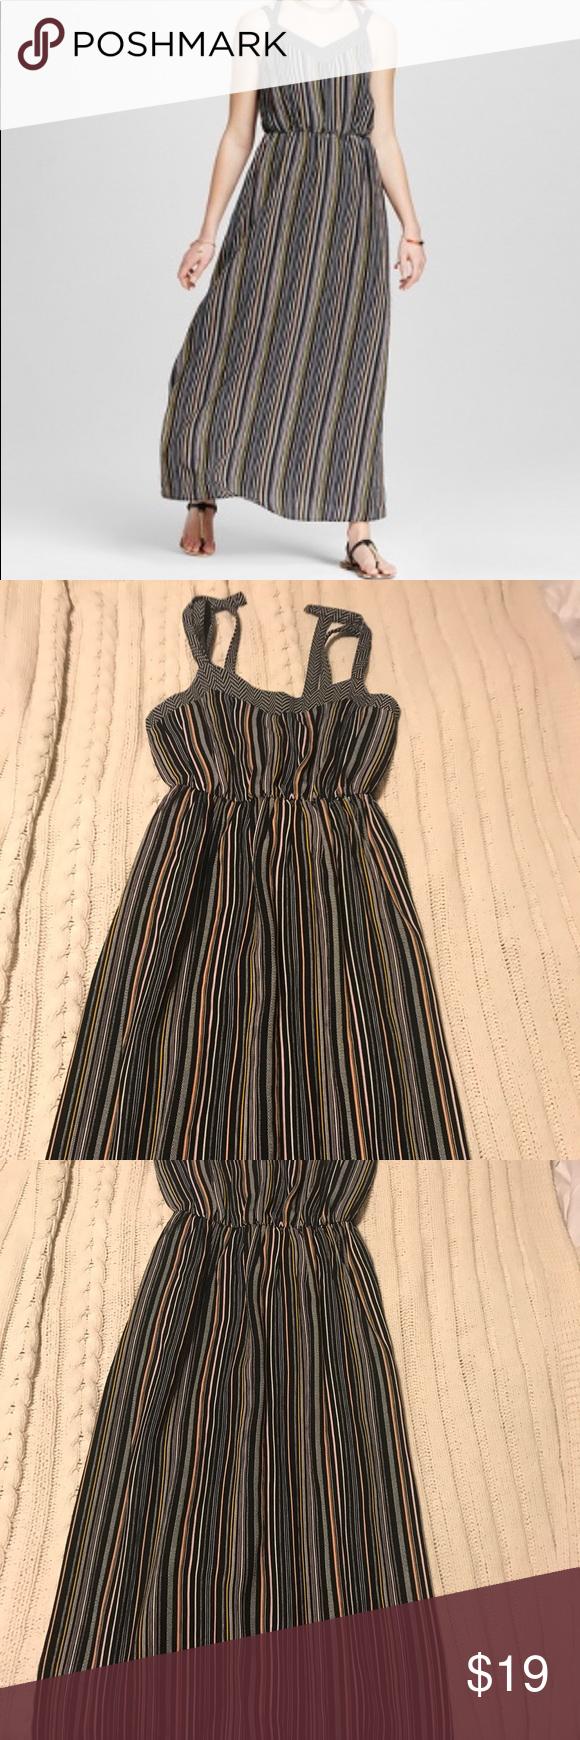 Target Xhilaration Maxi Dress Nwt Dresses Maxi Dress Fashion [ 1740 x 580 Pixel ]